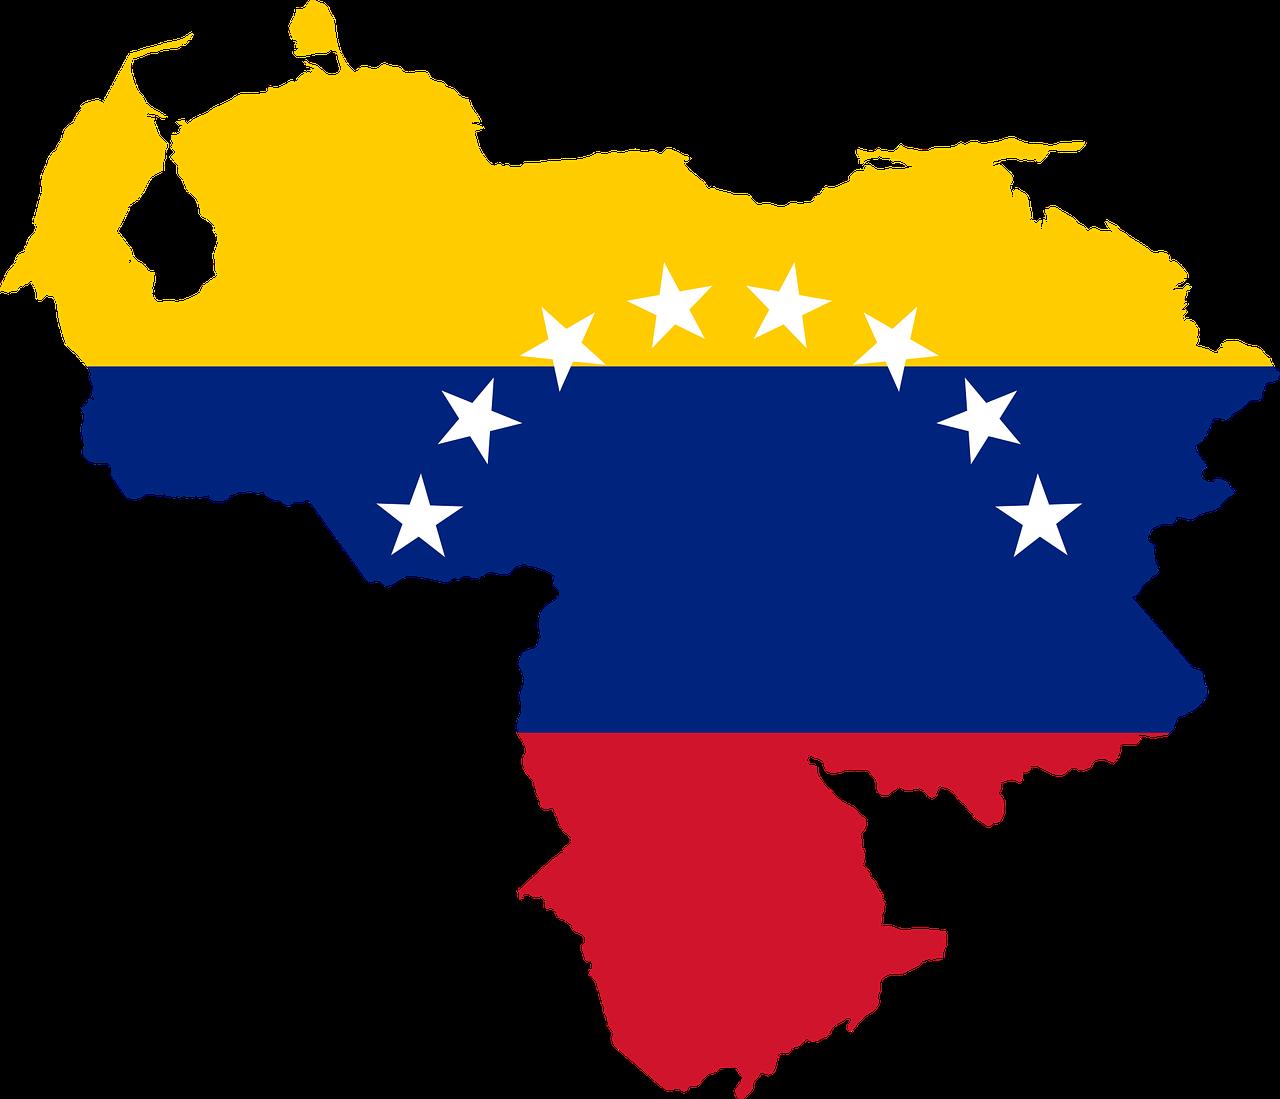 Venezuela Estados Unidos Y La Oea Venezuela Flag Venezuela Nicolas Maduro